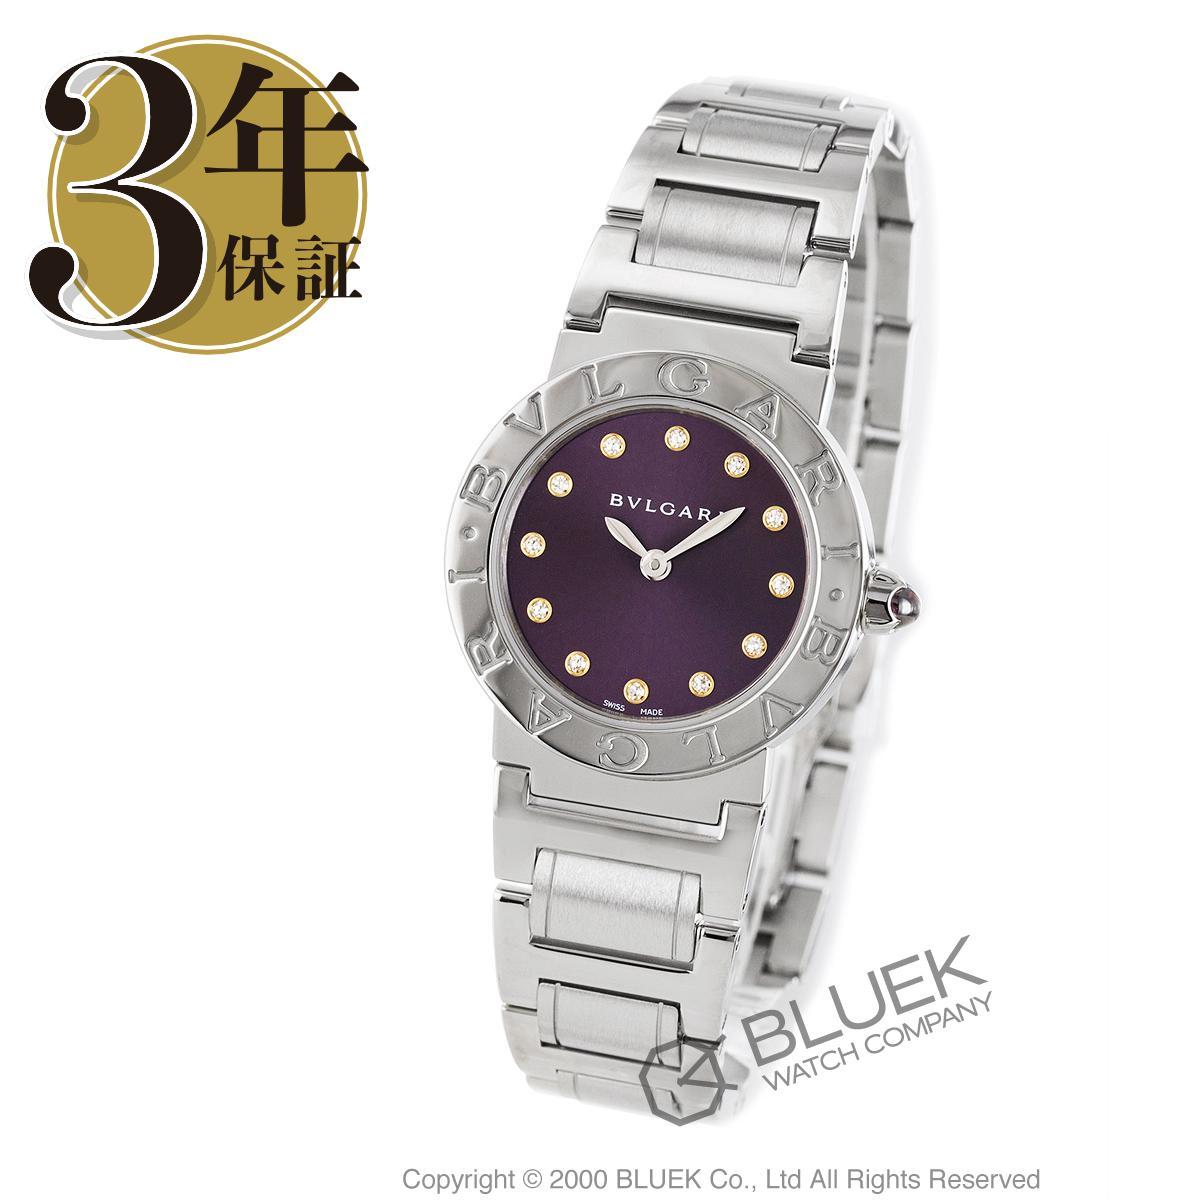 ブルガリ ブルガリブルガリ ダイヤ 腕時計 レディース BVLGARI BBL26C7SS/12_3